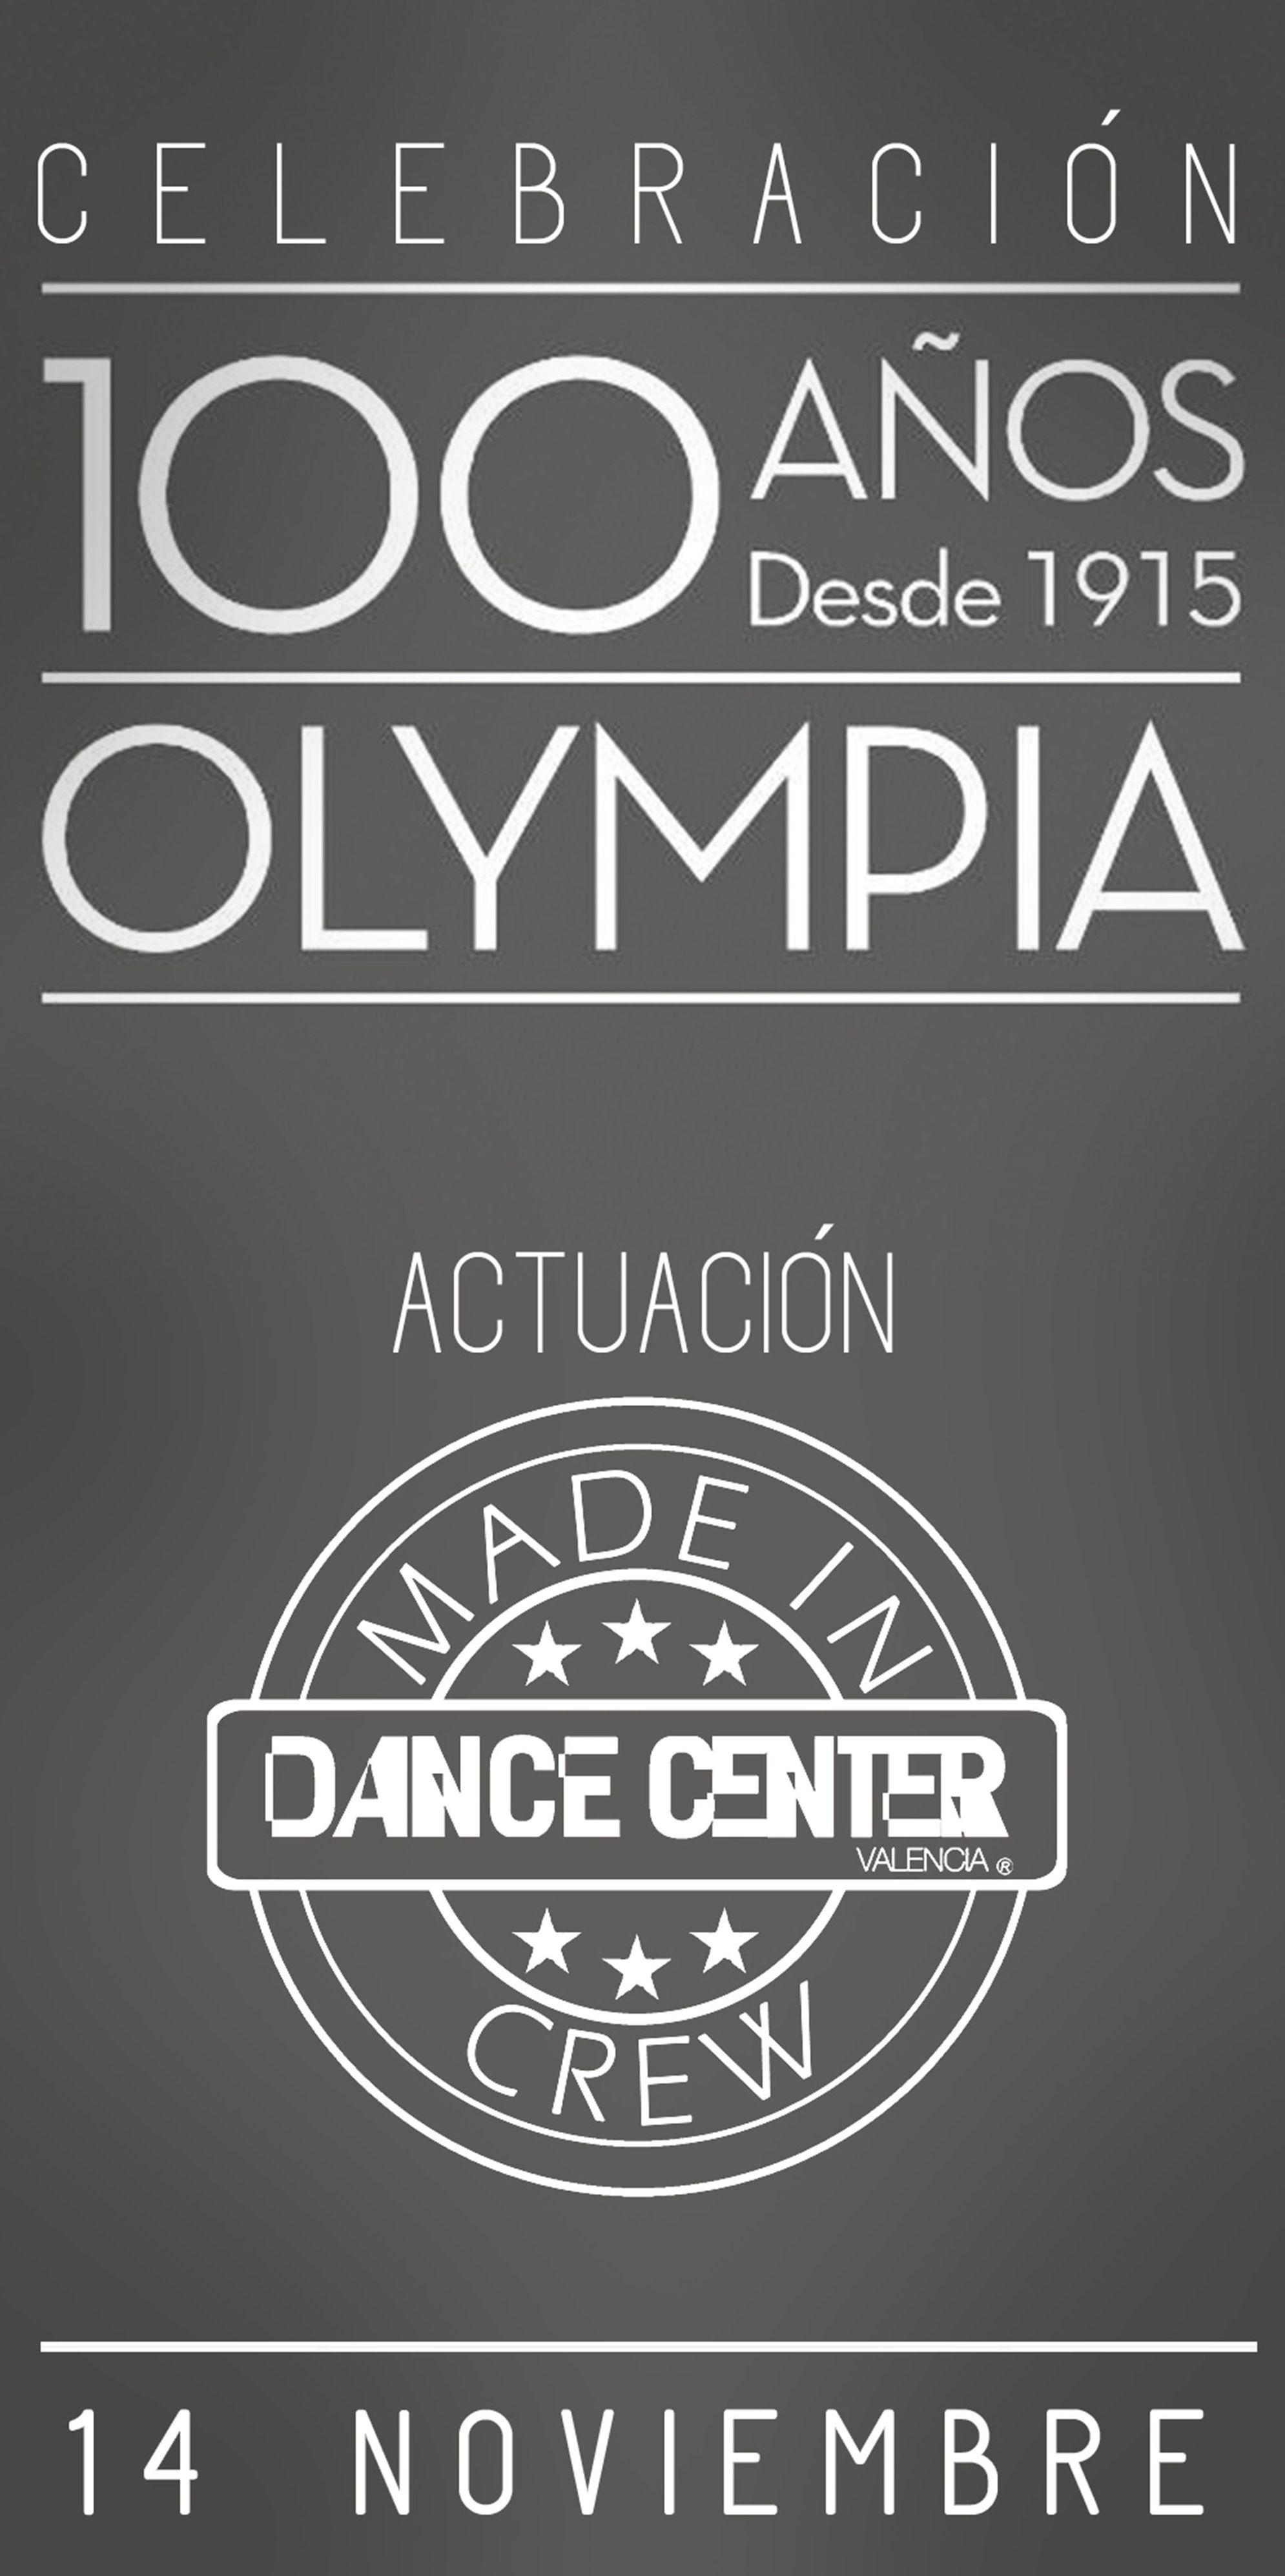 Actuación en la celebración 100 años OLYMPIA